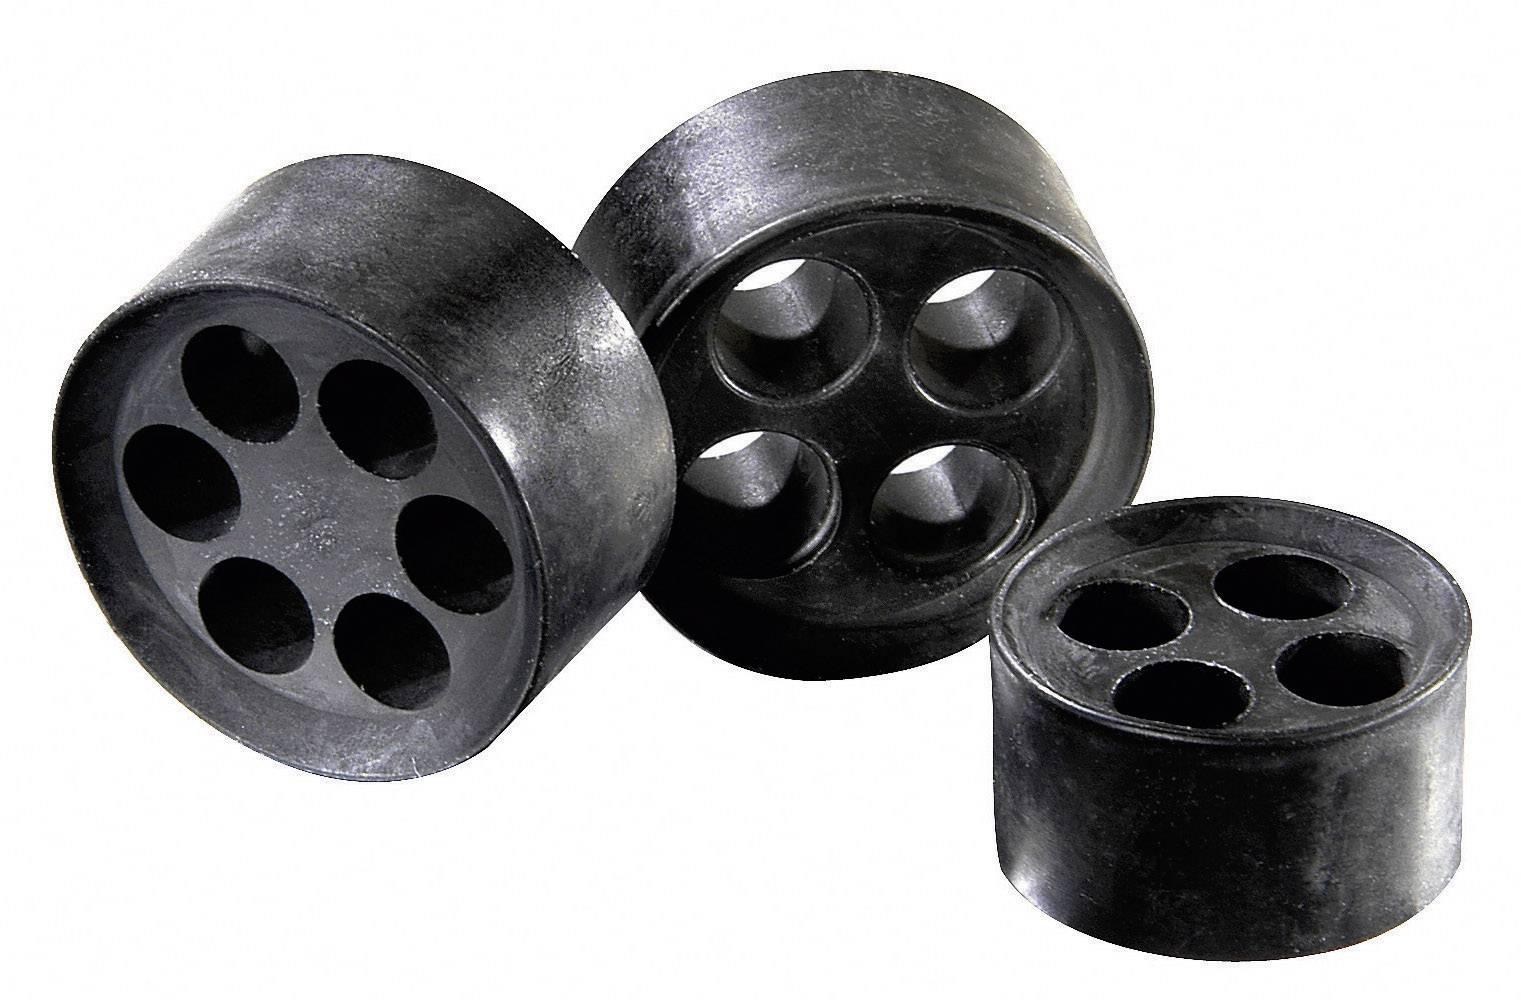 Těsnicí vložka M25 Wiska MFD 25/04/060 (10064343), IP66, M25, elastomer, černá